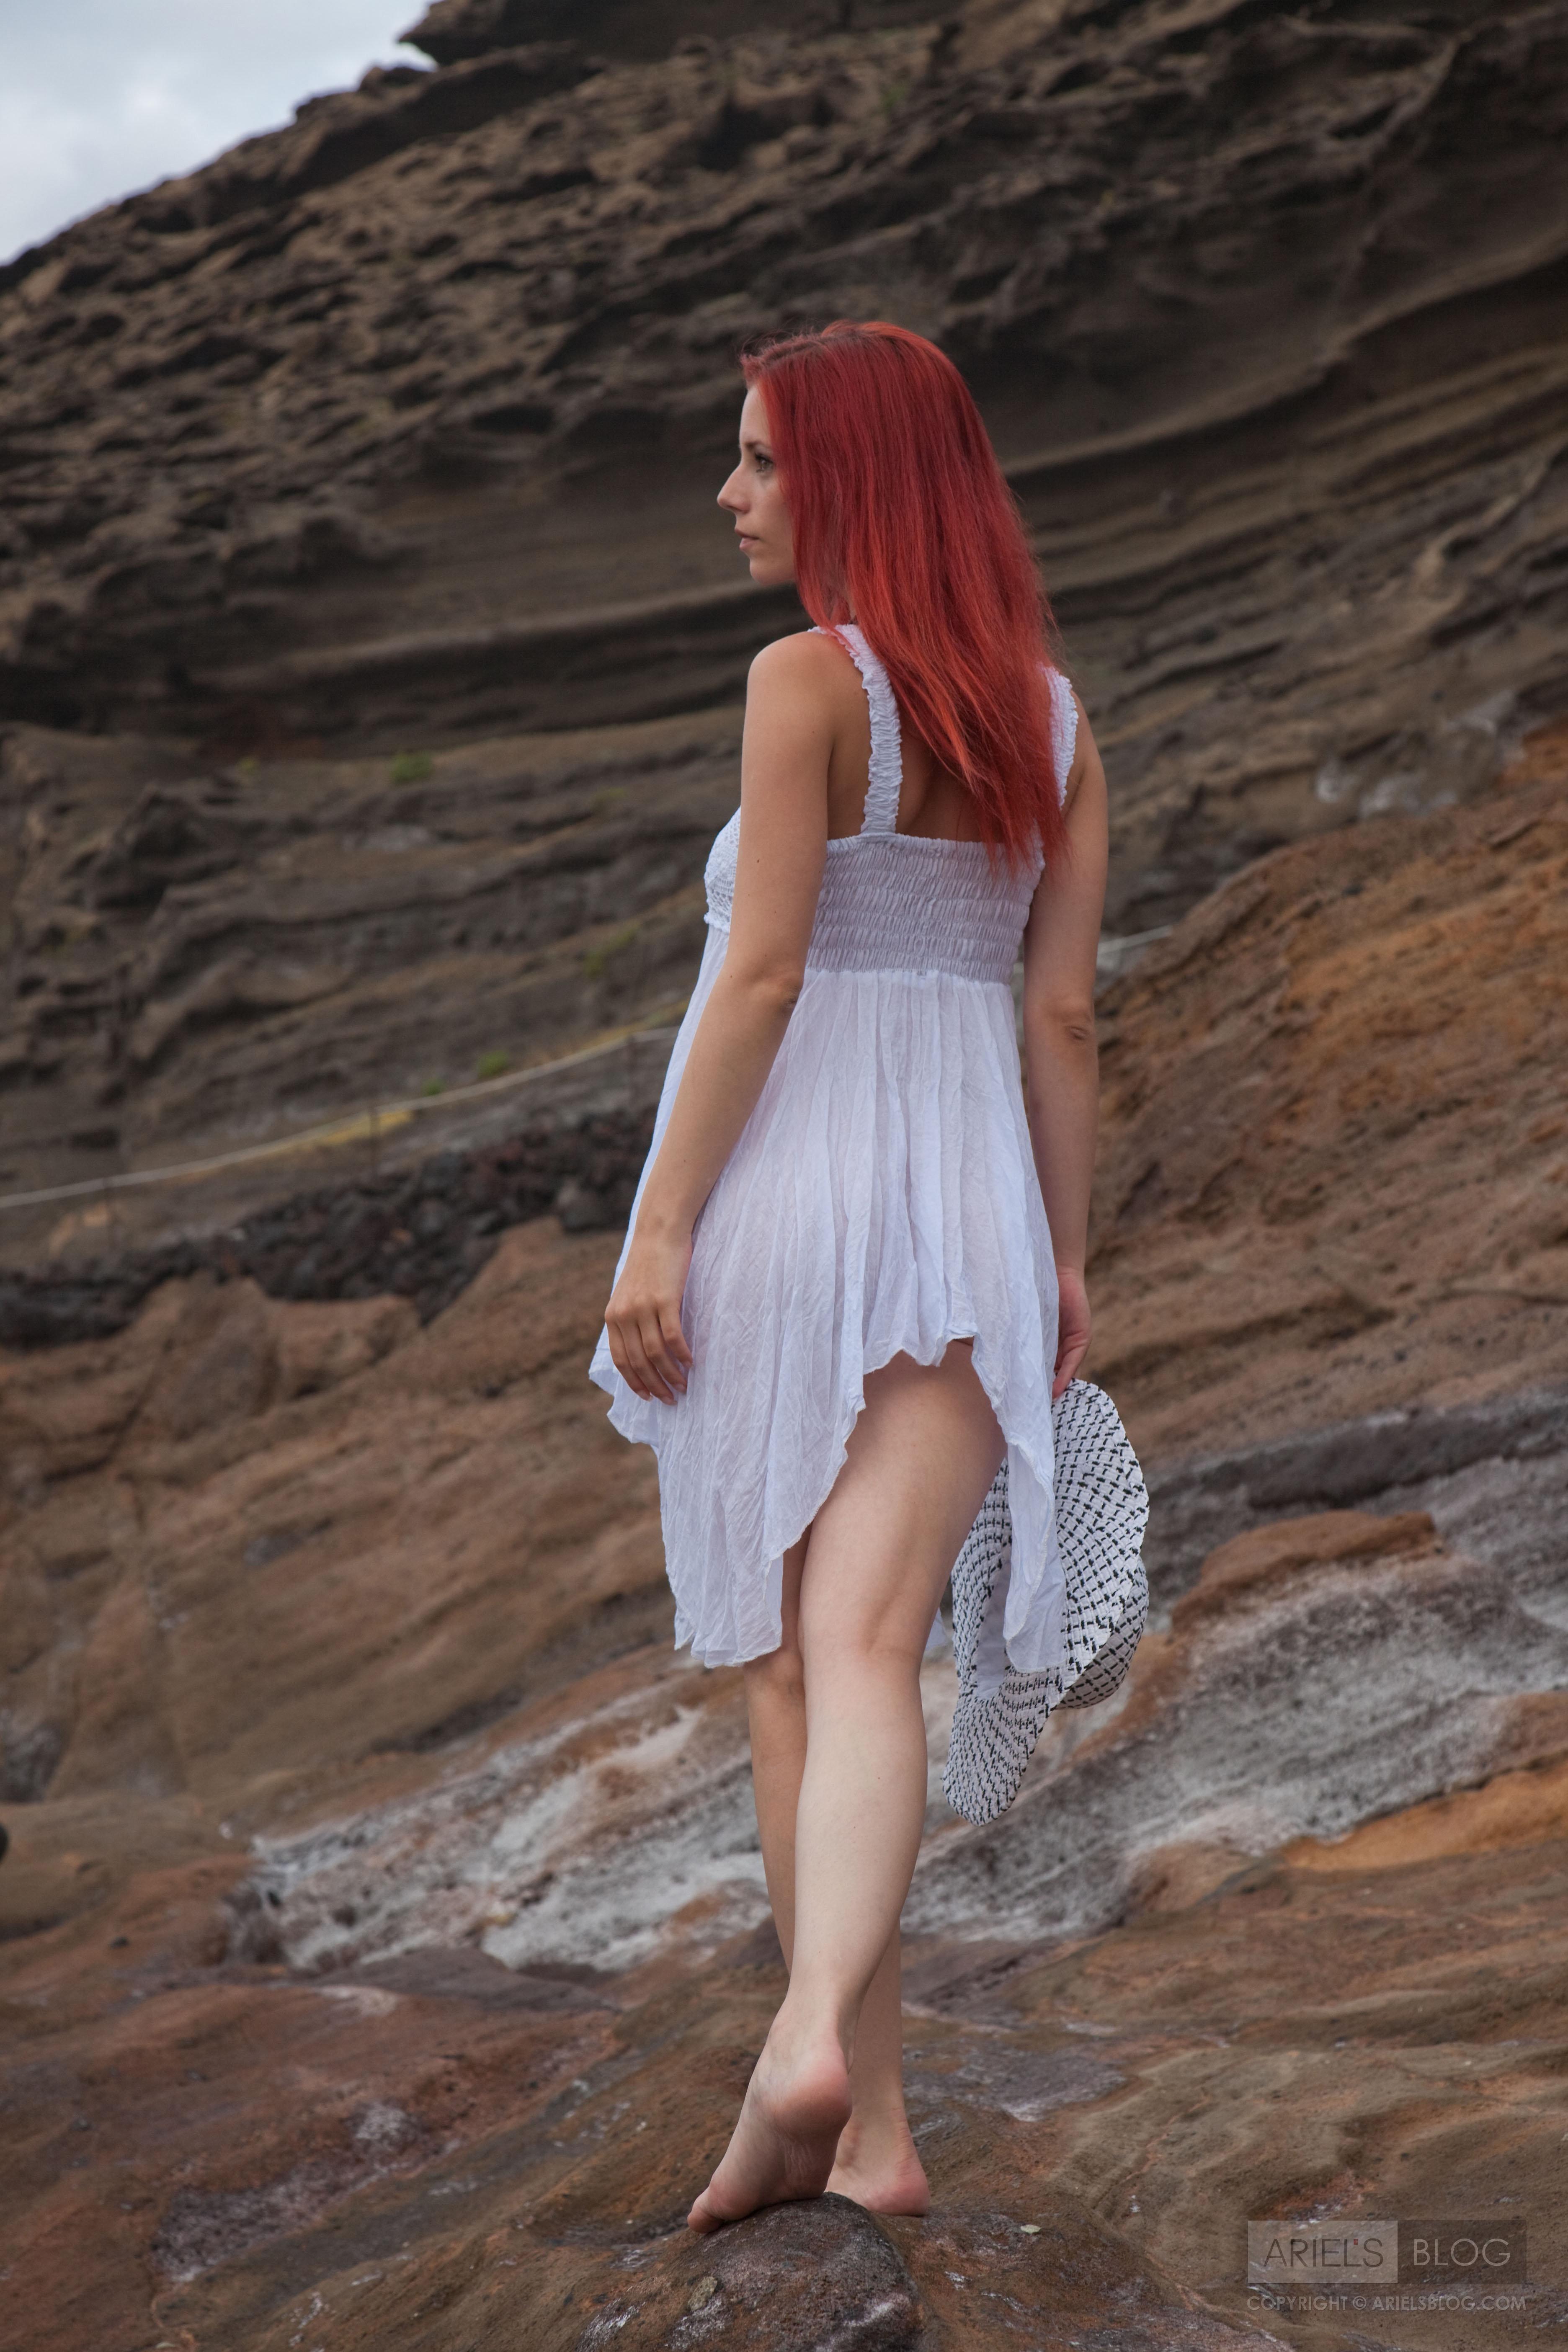 Exclusivo para P! Ariel como nunca antes la viste. Imperdibl